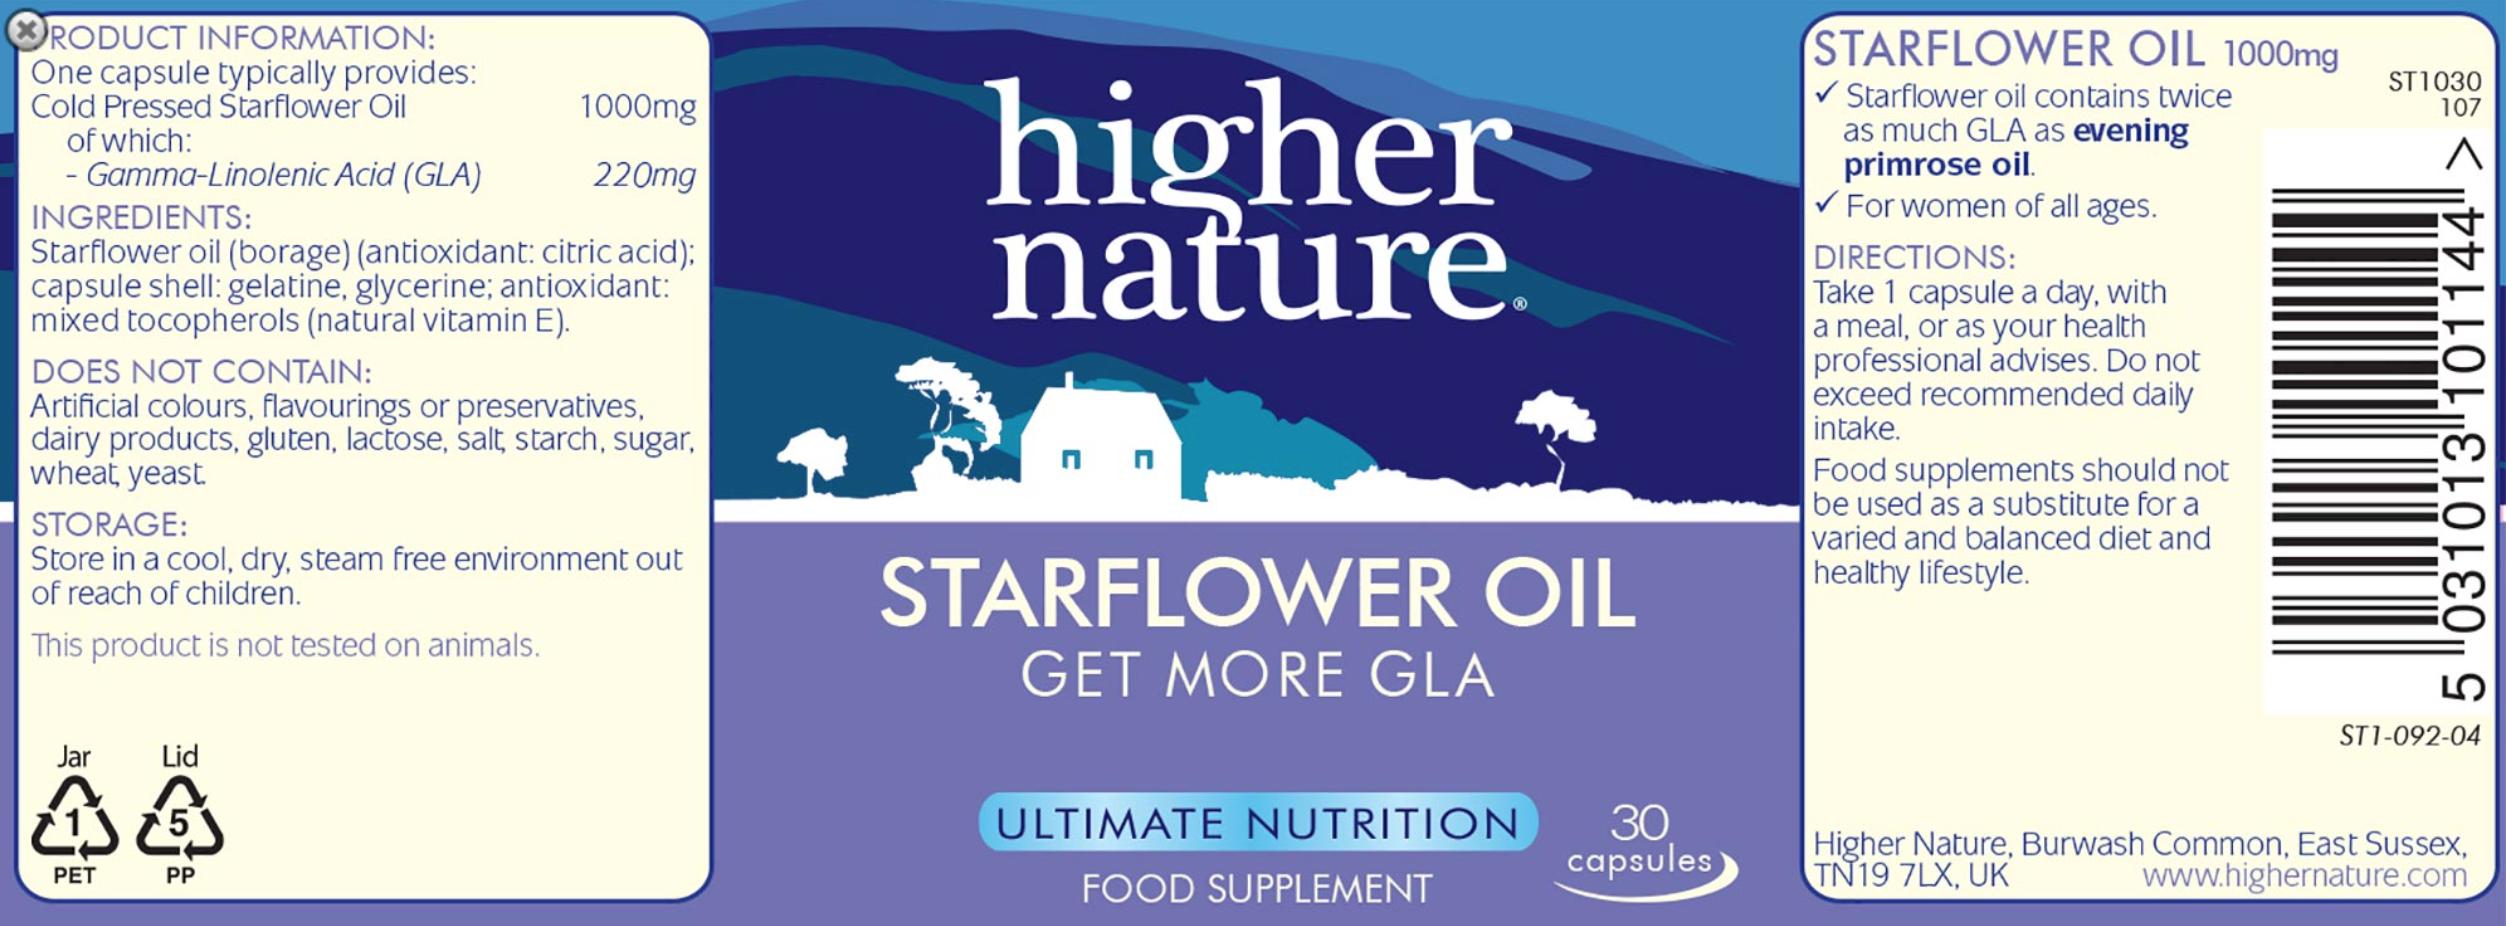 Wechseljahre - Borretschöl - Starflower Oil zu Unterstützung eines gesunden Hormonspiegels